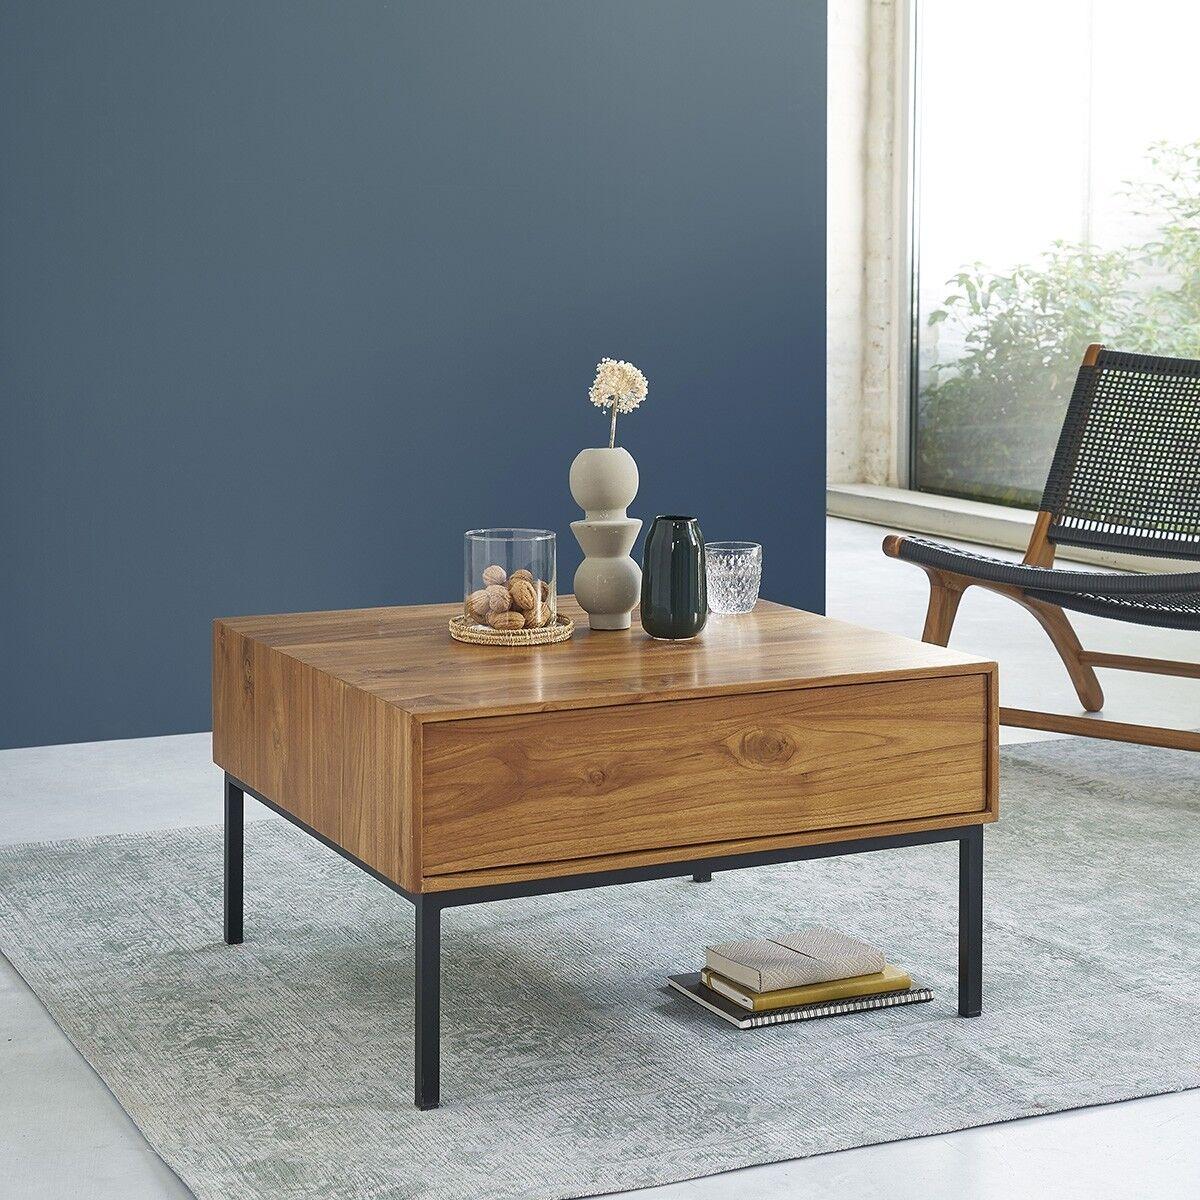 BOIS DESSUS BOIS DESSOUS Table basse en bois de teck et métal 2 tiroirs 70 BOIS DESSUS BOIS DESSOUS